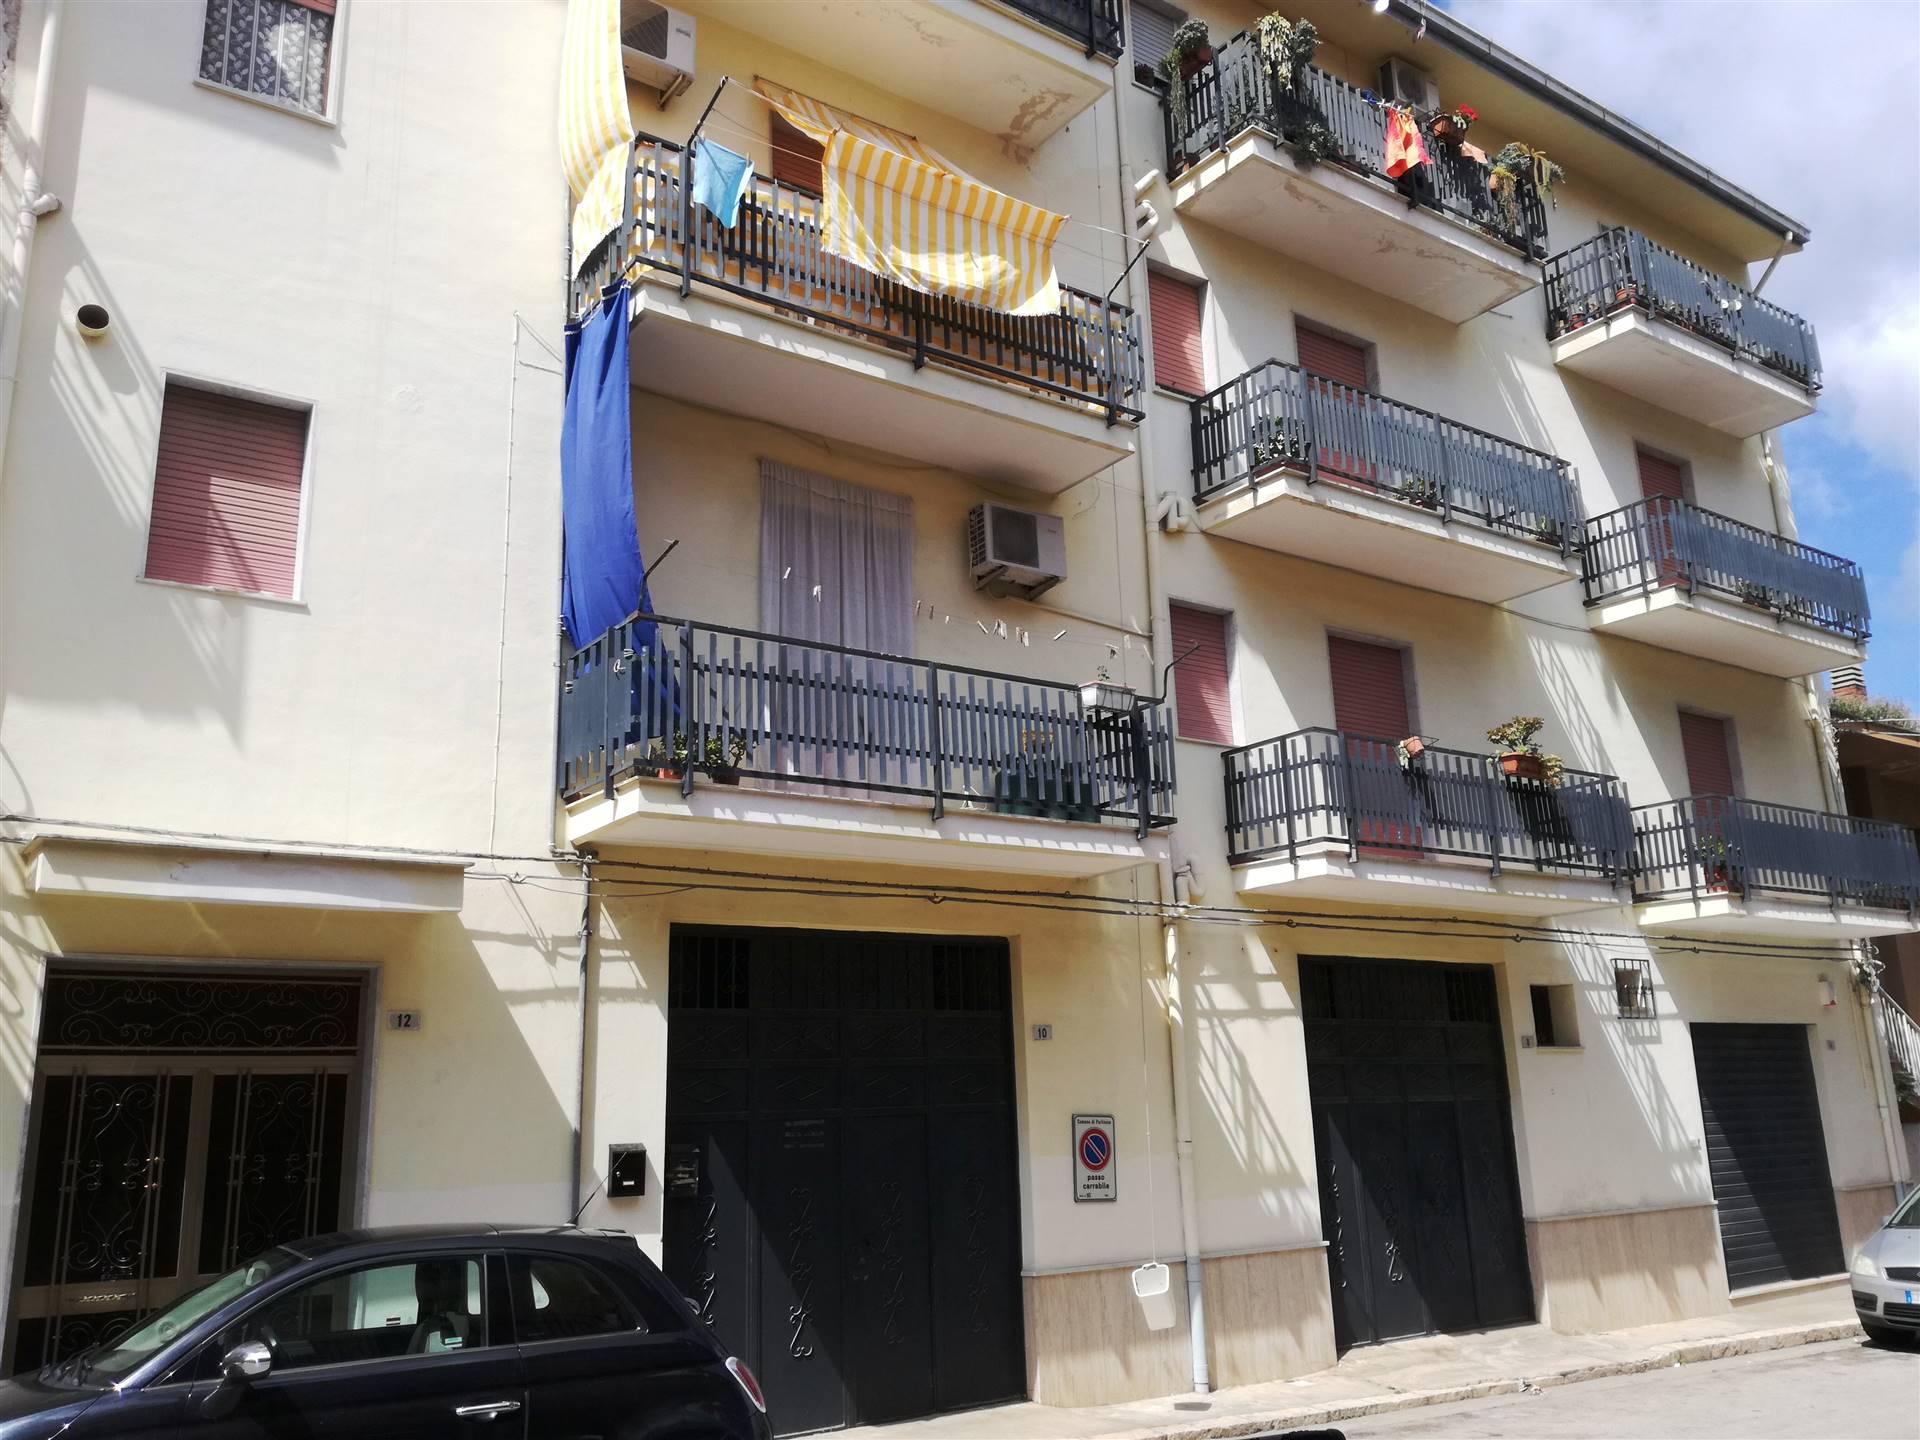 Appartamento in vendita a Partinico, 7 locali, prezzo € 105.000 | CambioCasa.it